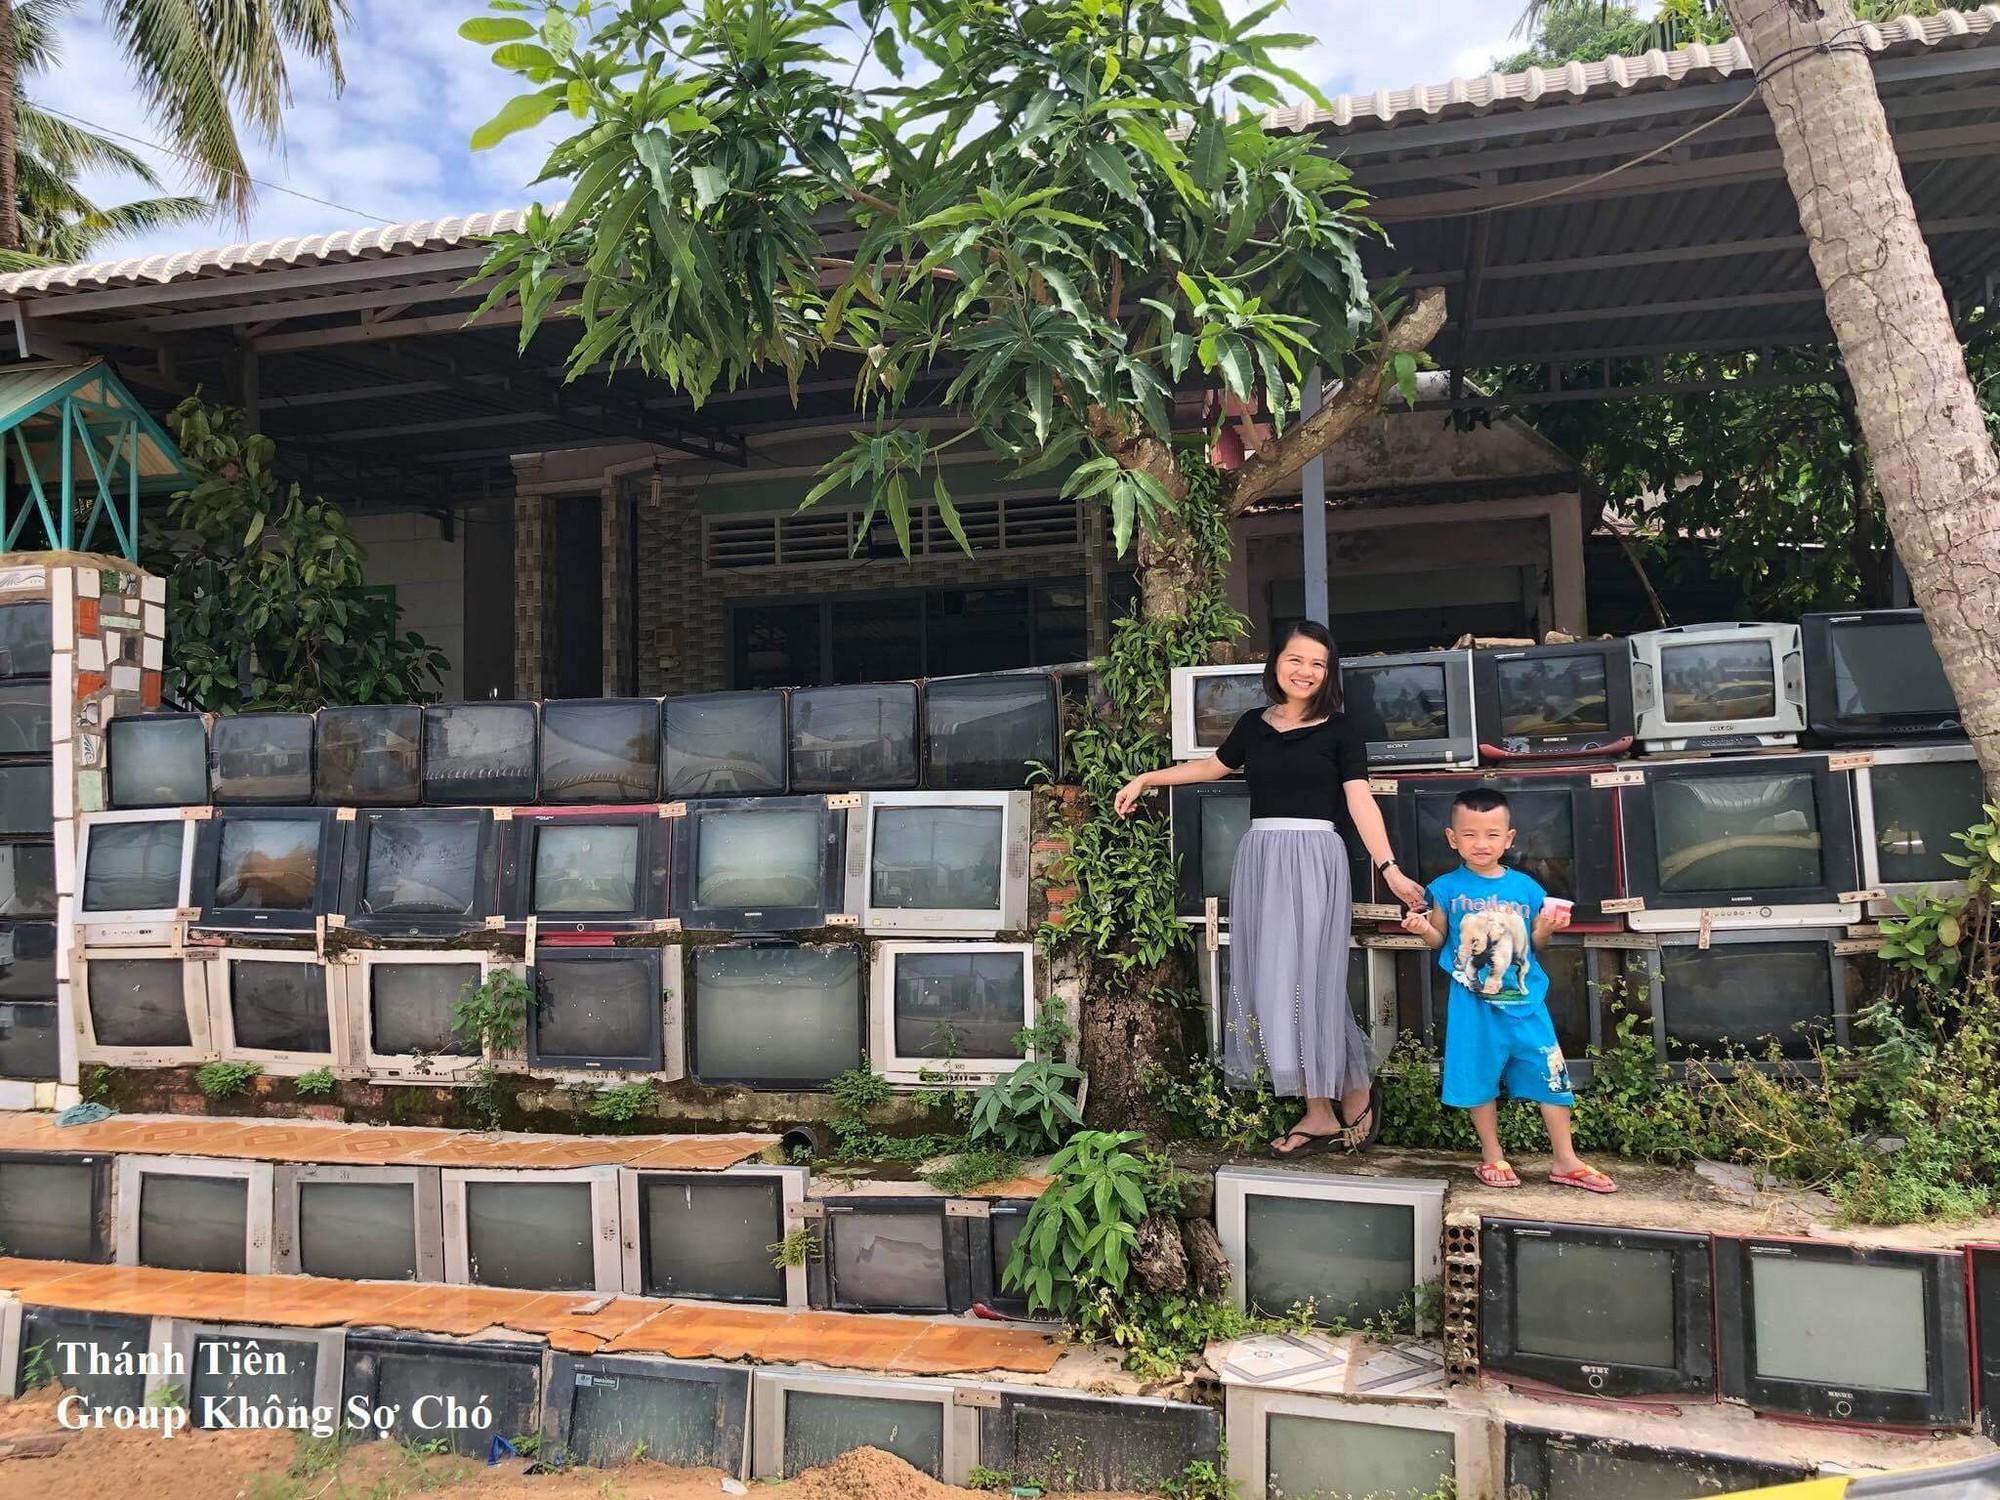 Báo nước ngoài đưa tin khen ngợi sự độc đáo của căn nhà có tường rào làm từ tivi tại Việt Nam - Ảnh 4.